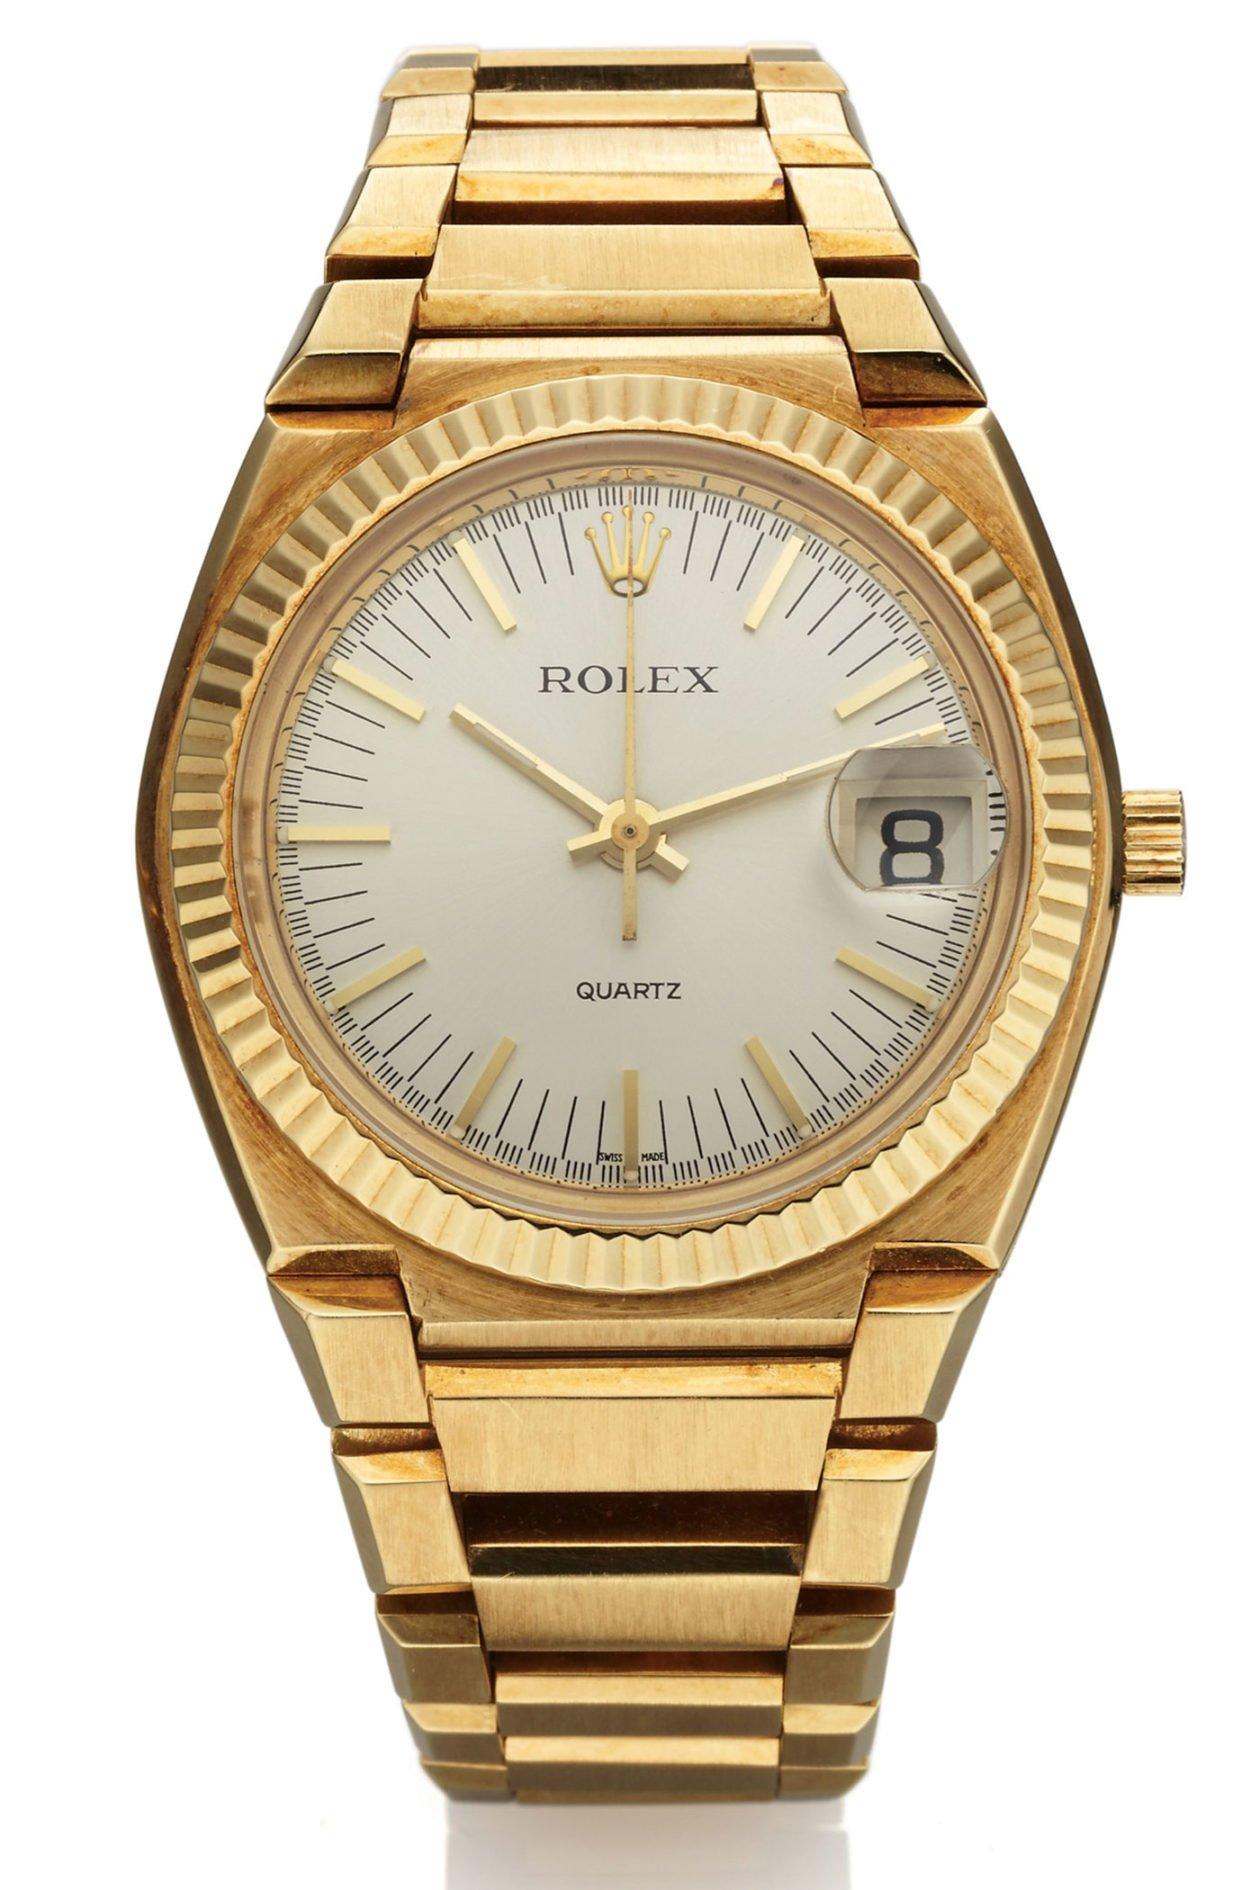 Rolex Datejust ref. 5100 / foto: Antiquorum